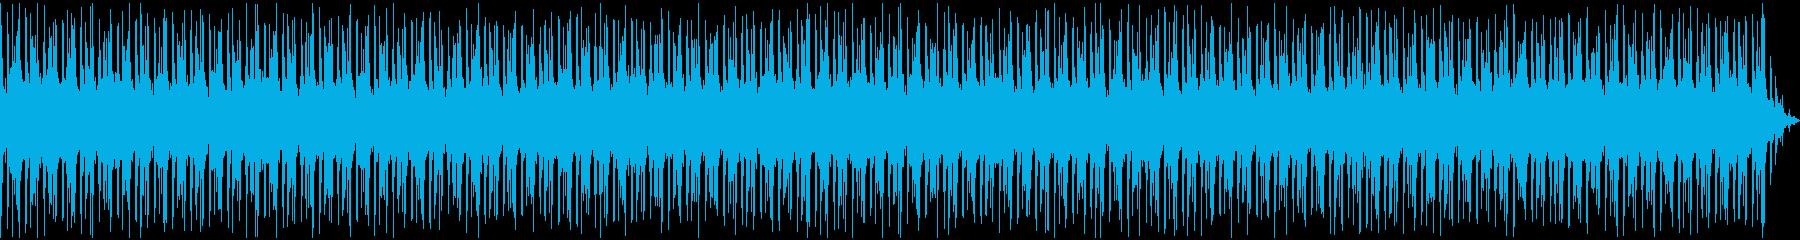 イベント  オープニング  オーケストラの再生済みの波形